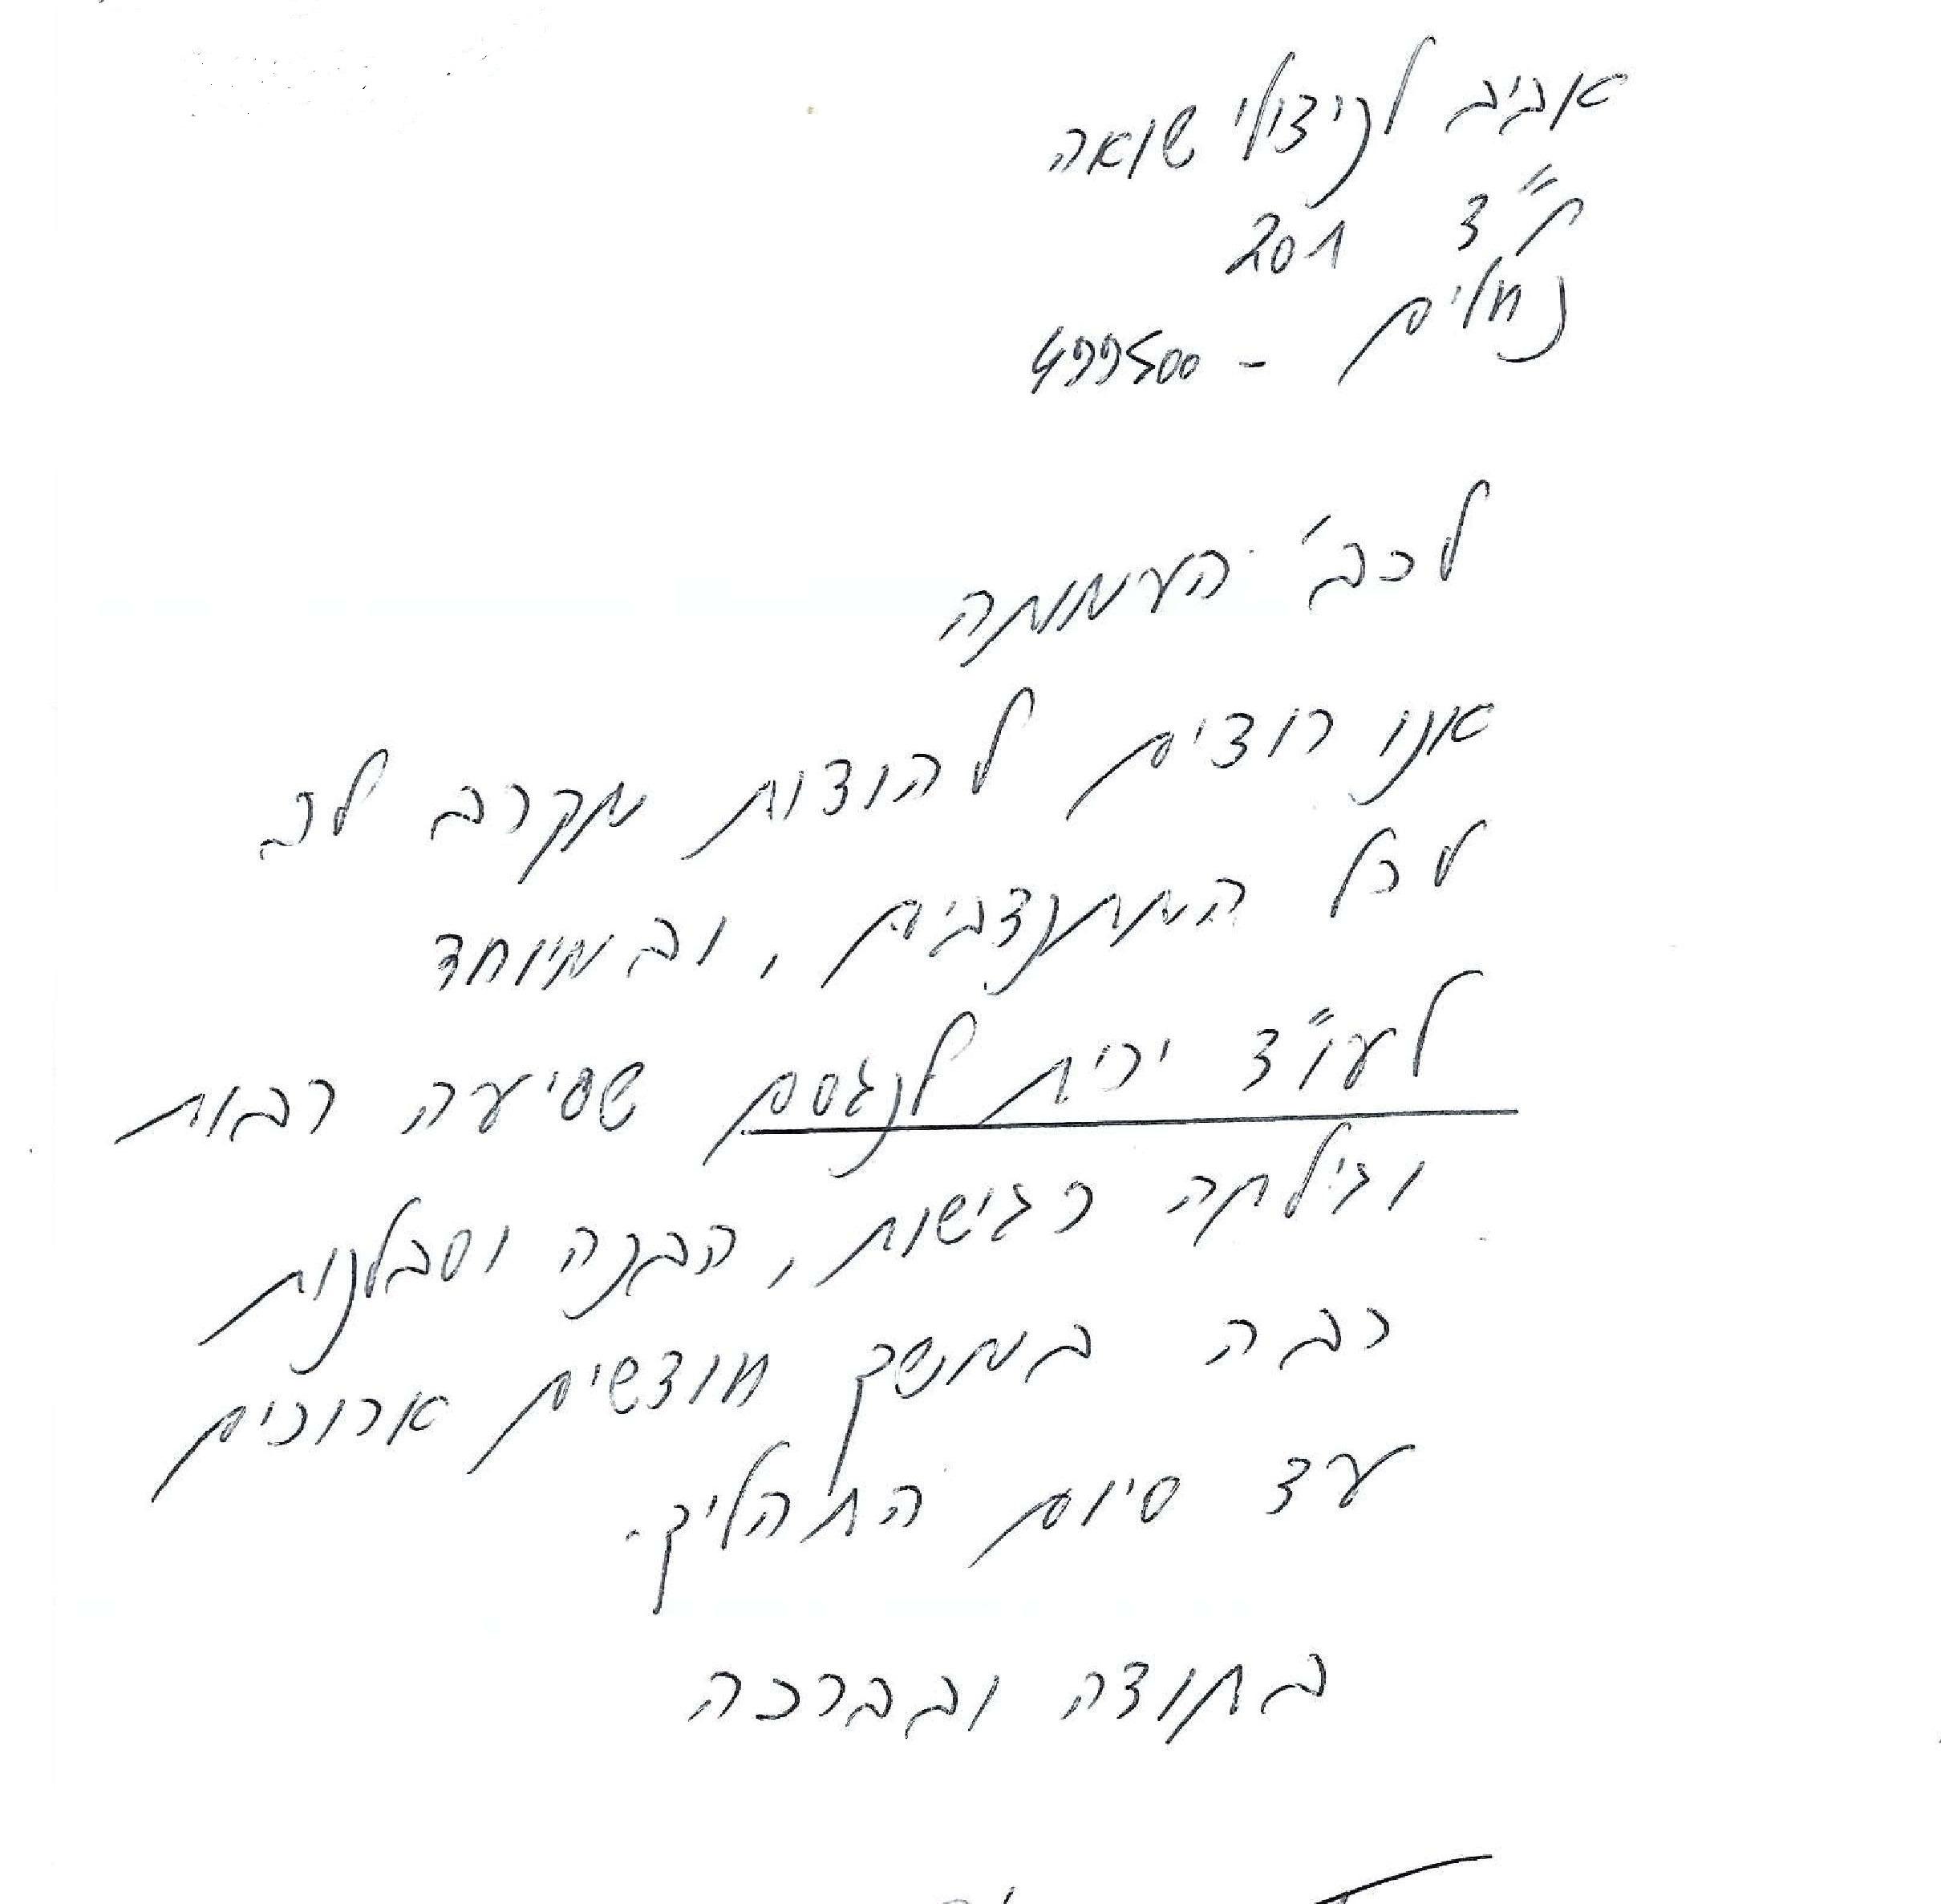 מכתב תודה לאירית 11.17